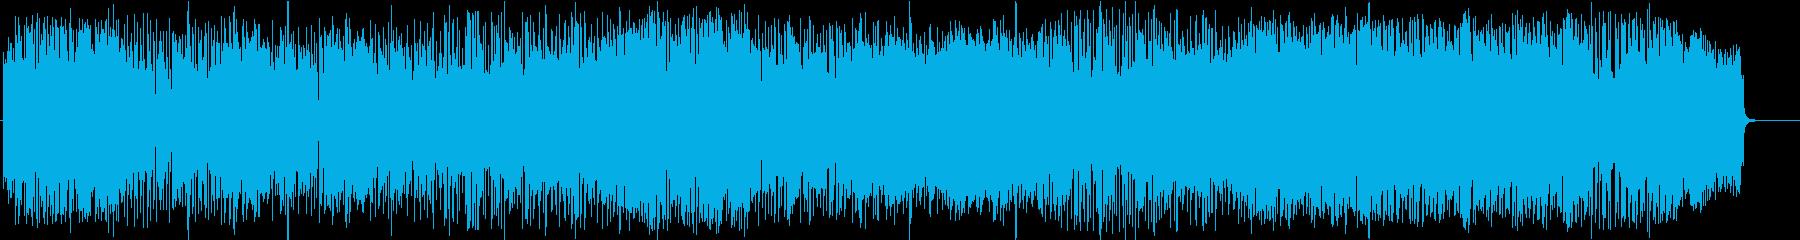 軽快なポップス調の覚えやすいメロディの再生済みの波形